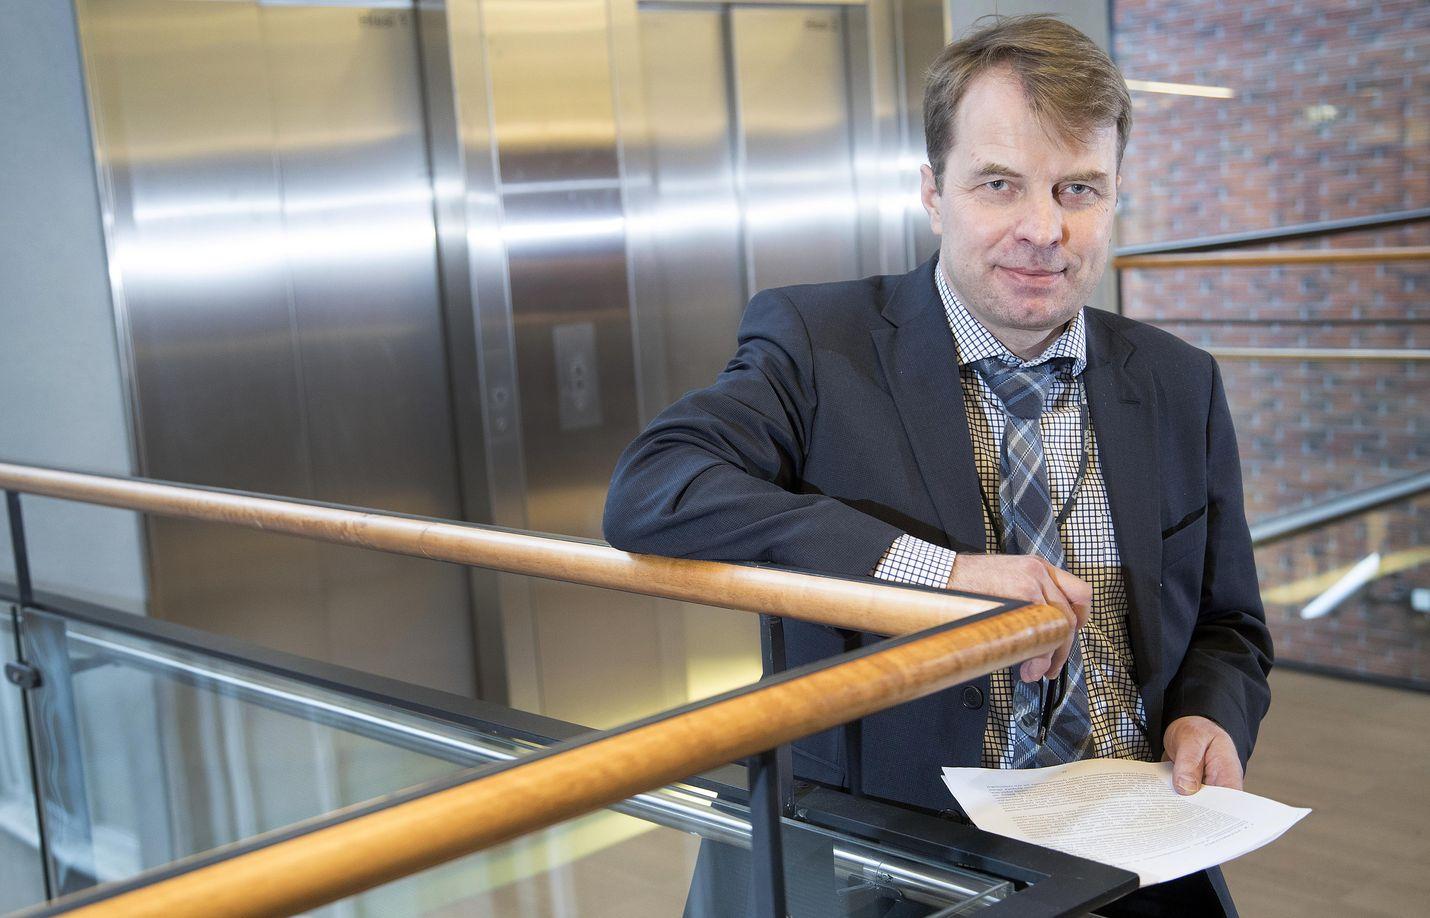 Talouspolitiikan arviointineuvoston puheenjohtaja on professori Roope Uusitalo Helsingin yliopistosta.